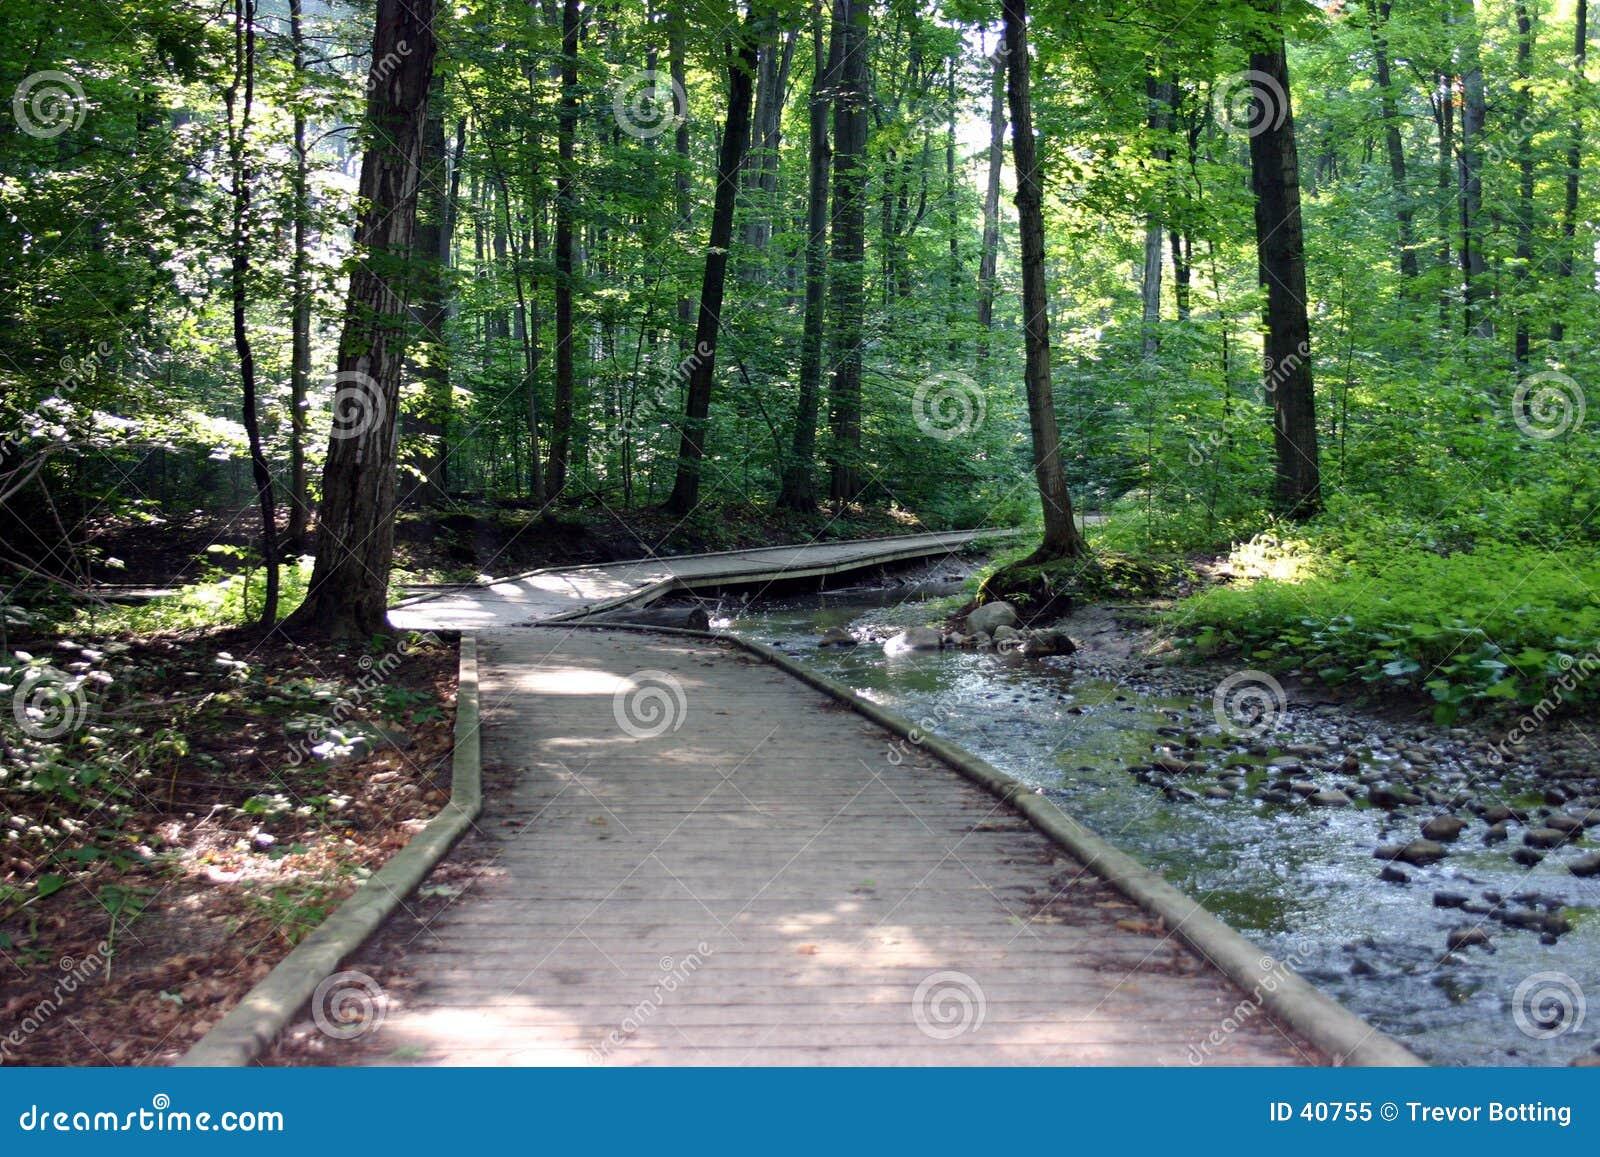 Caminho arborizado através da floresta